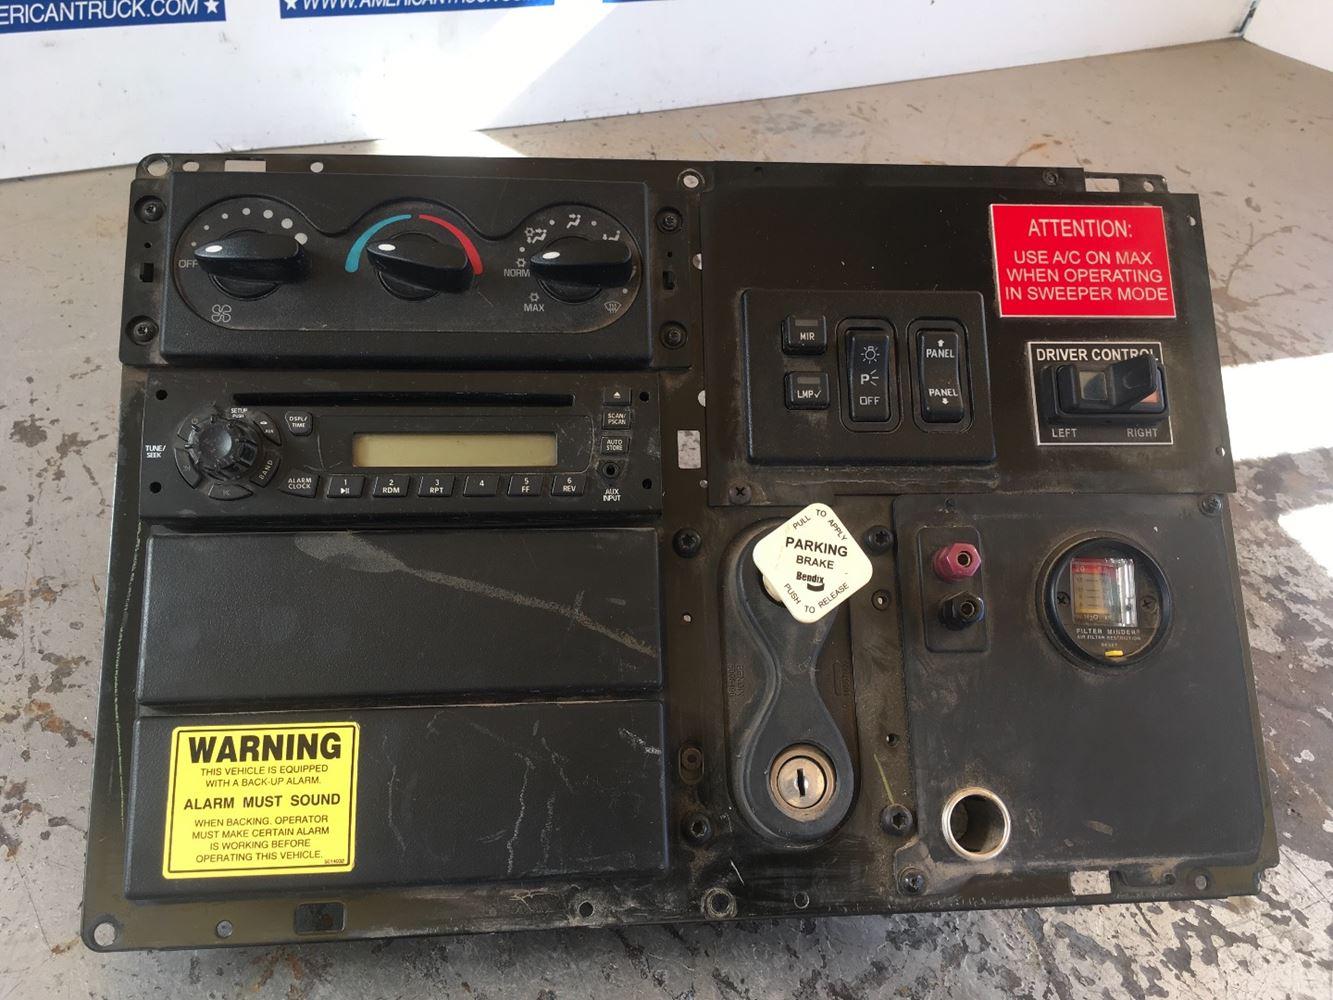 2008 international 4300 radio wiring diagram 4 way round trailer plug durastar land rover